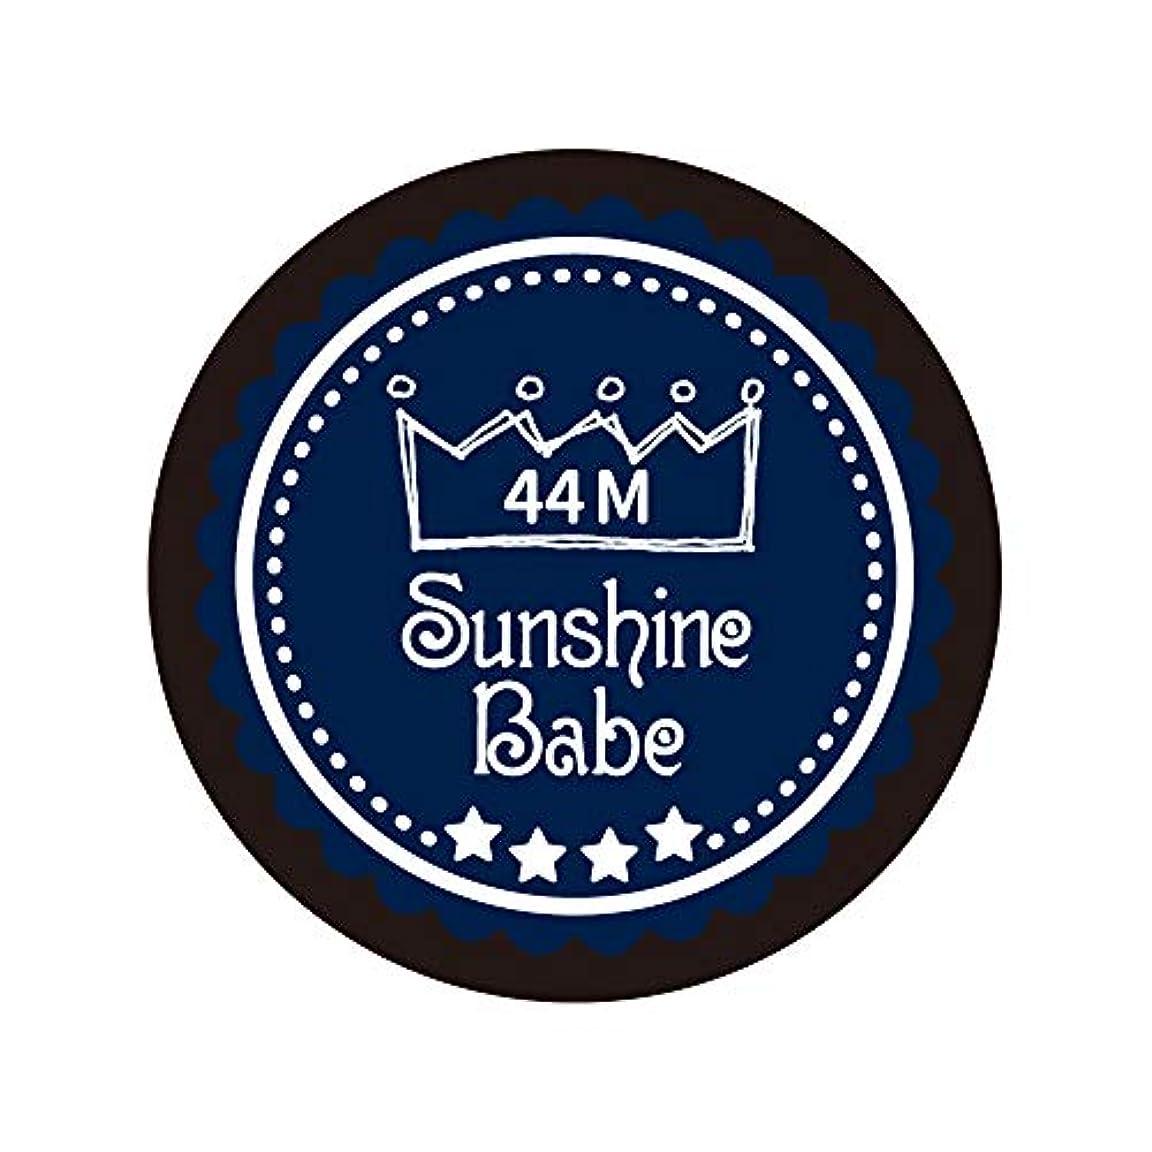 ピカリング受けるソーダ水Sunshine Babe カラージェル 44M クラシックネイビー 4g UV/LED対応